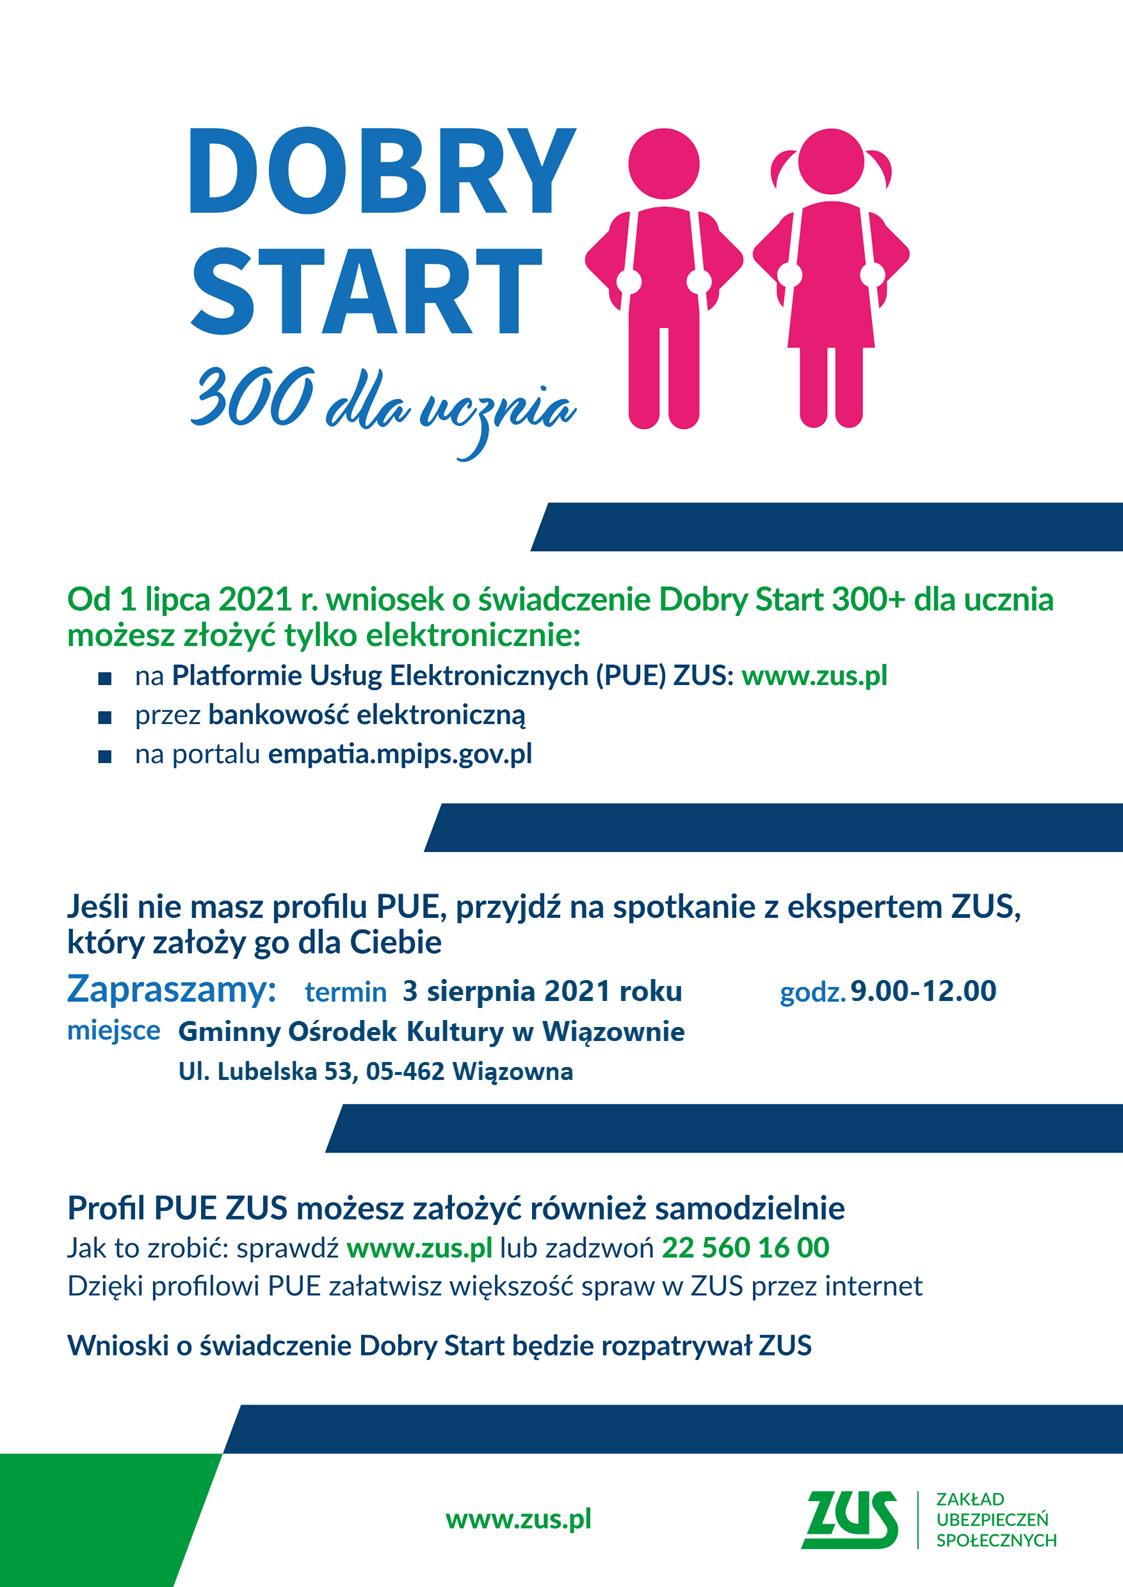 Plakat programu Dobry start informujący o mobilnym punkcie w GOK Wiązowna 3 sierpnia, gdzie będzie można wypełnić wniosek